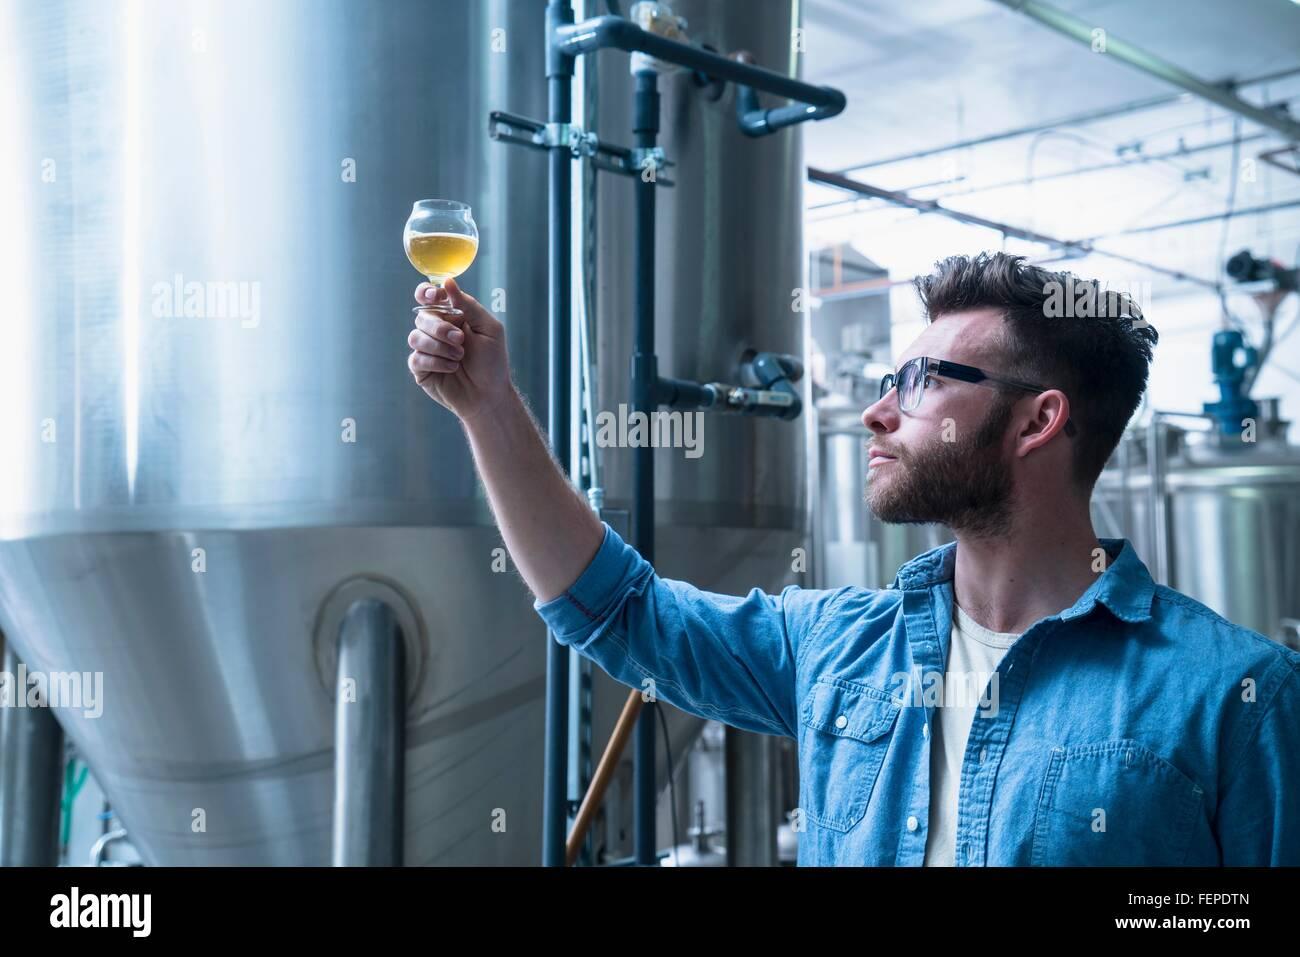 Joven en la cervecería sosteniendo un vaso de cerveza, control de calidad Imagen De Stock